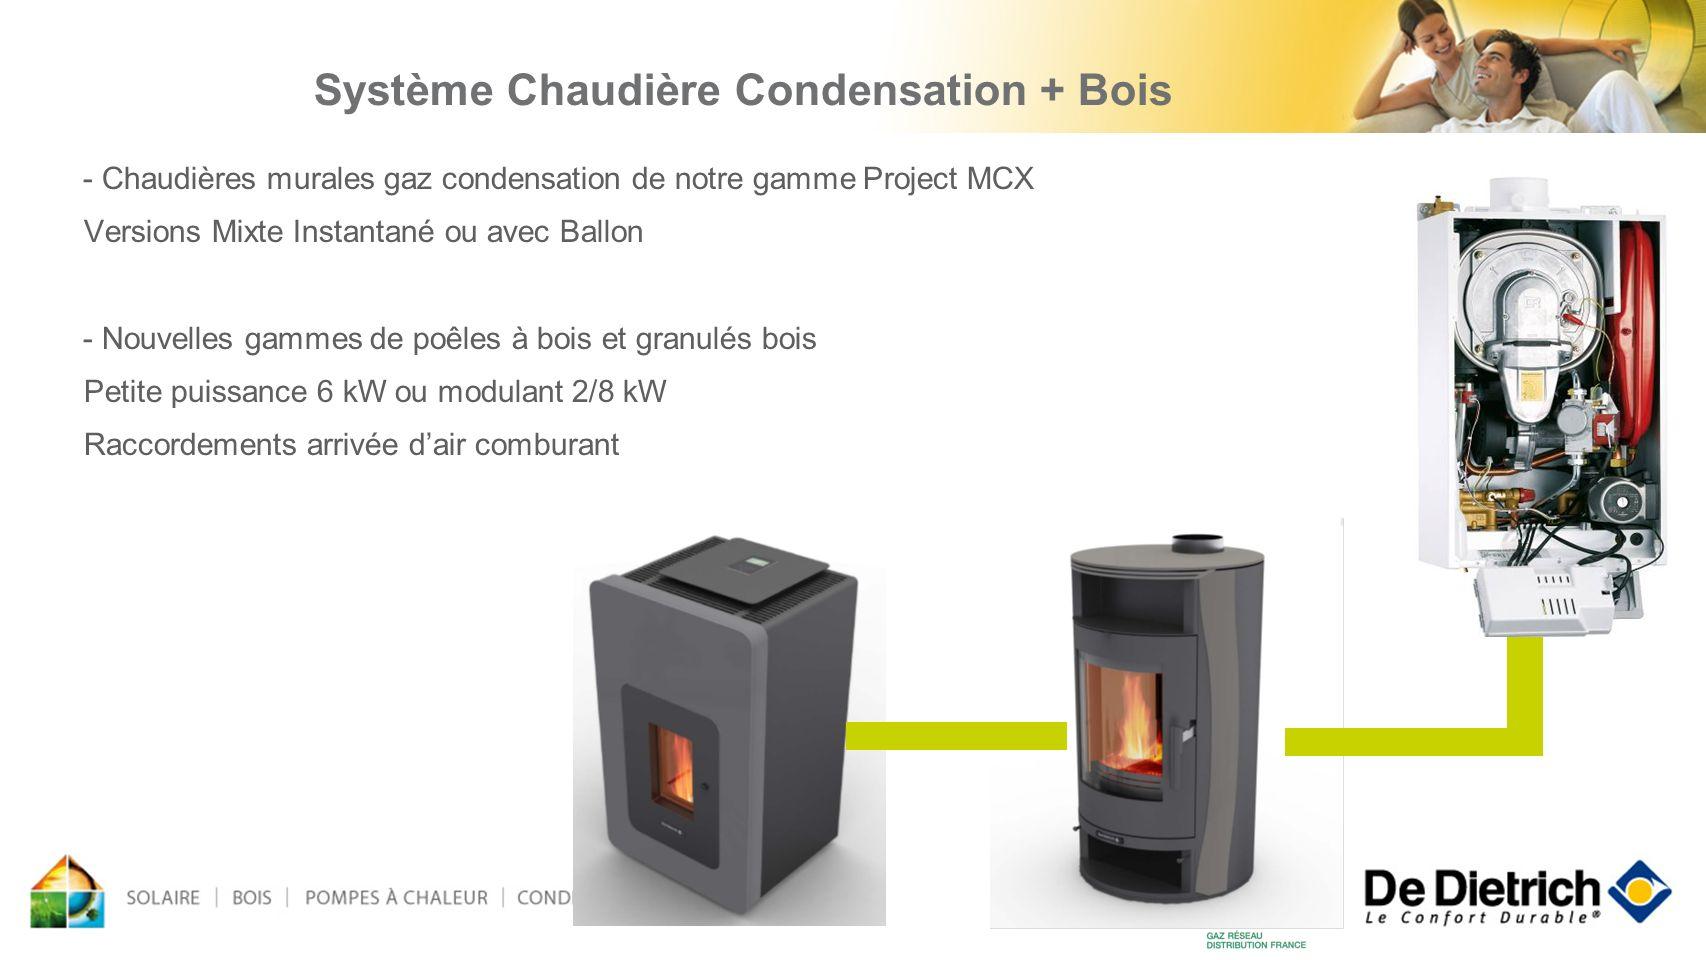 Système Chaudière Condensation + Bois